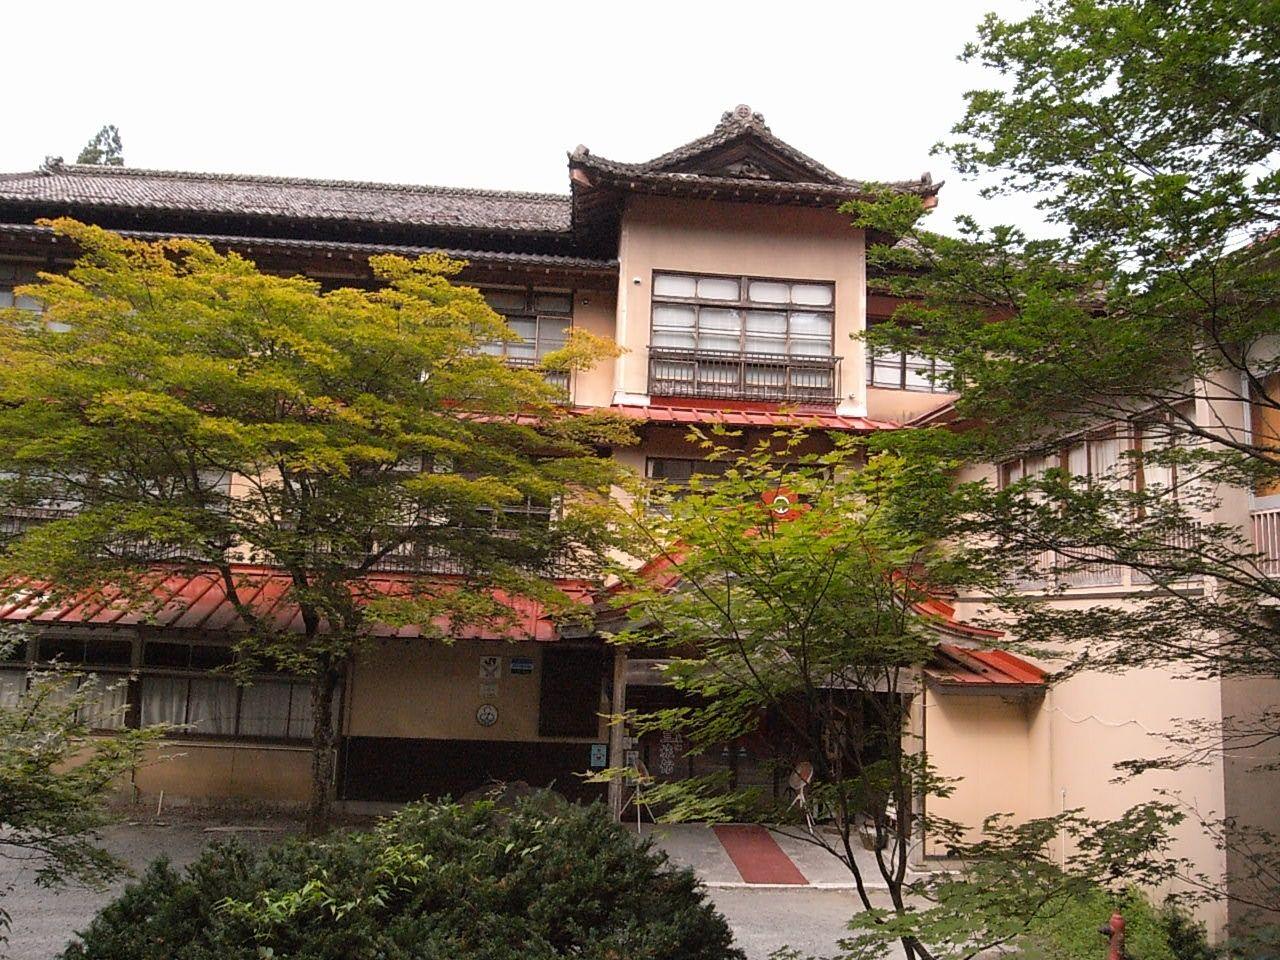 赤瓦が映える藤三旅館